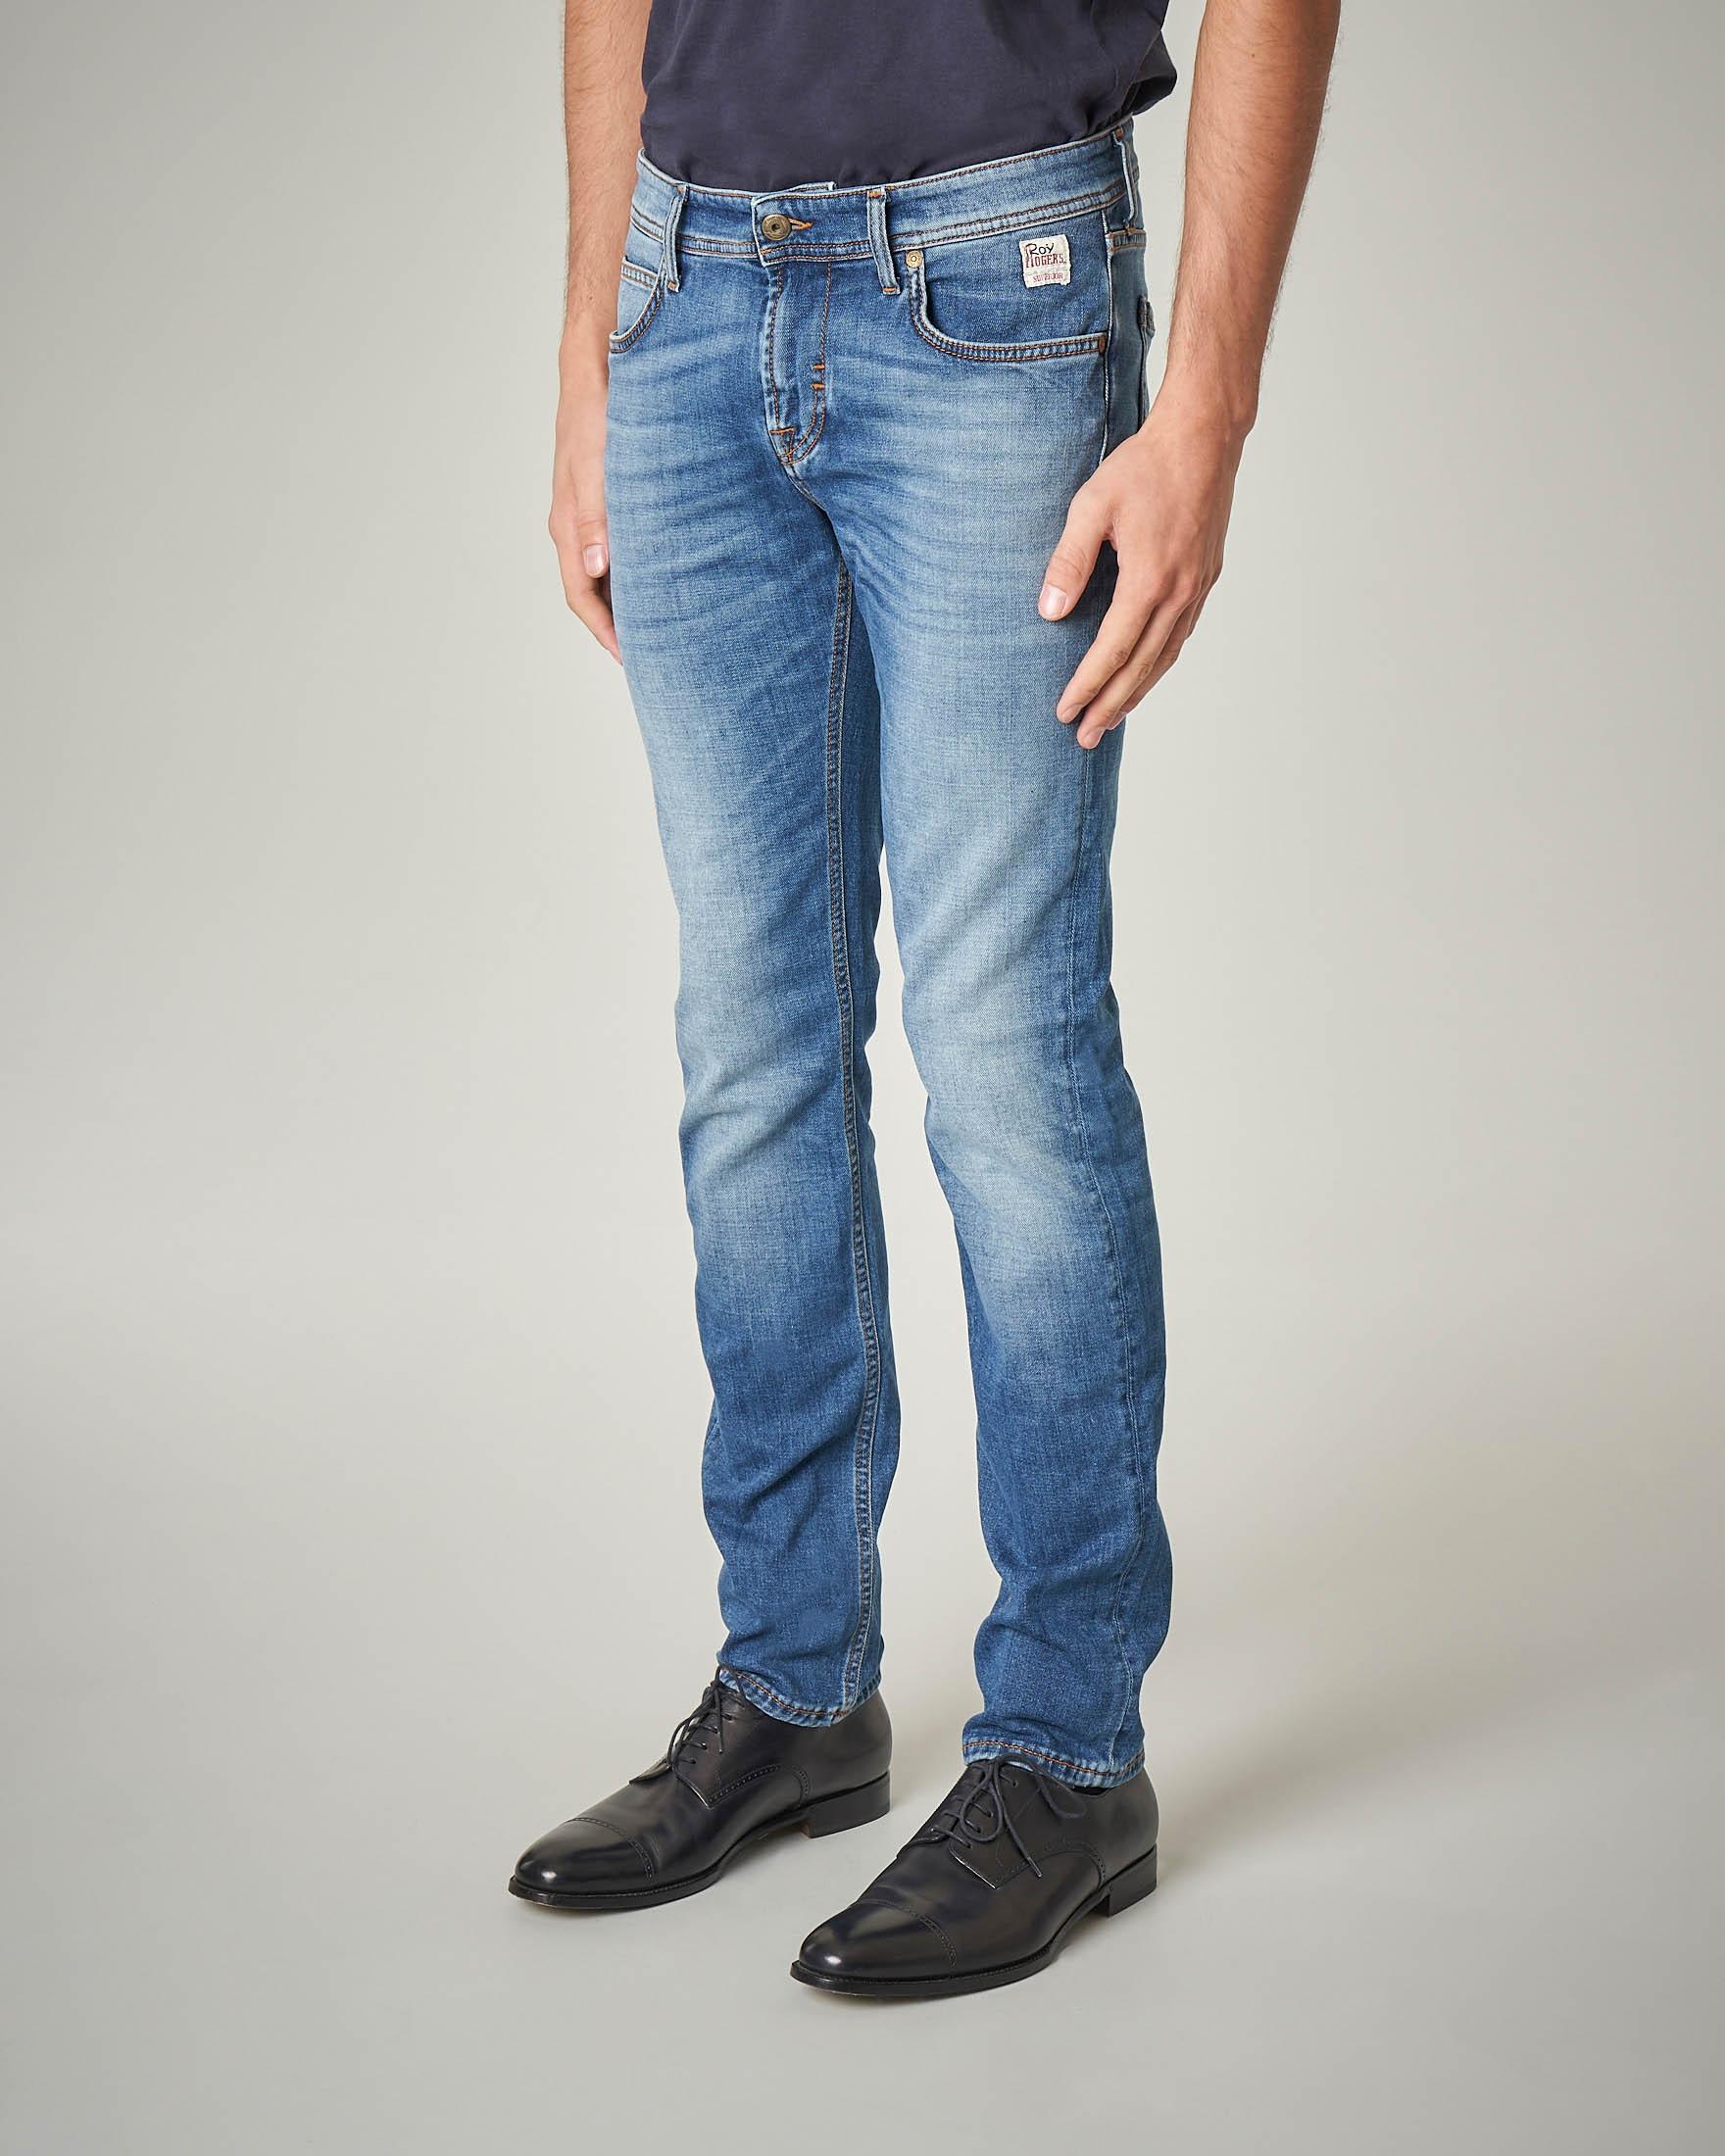 Jeans lavaggio chiaro con sbiancature e vita bassa